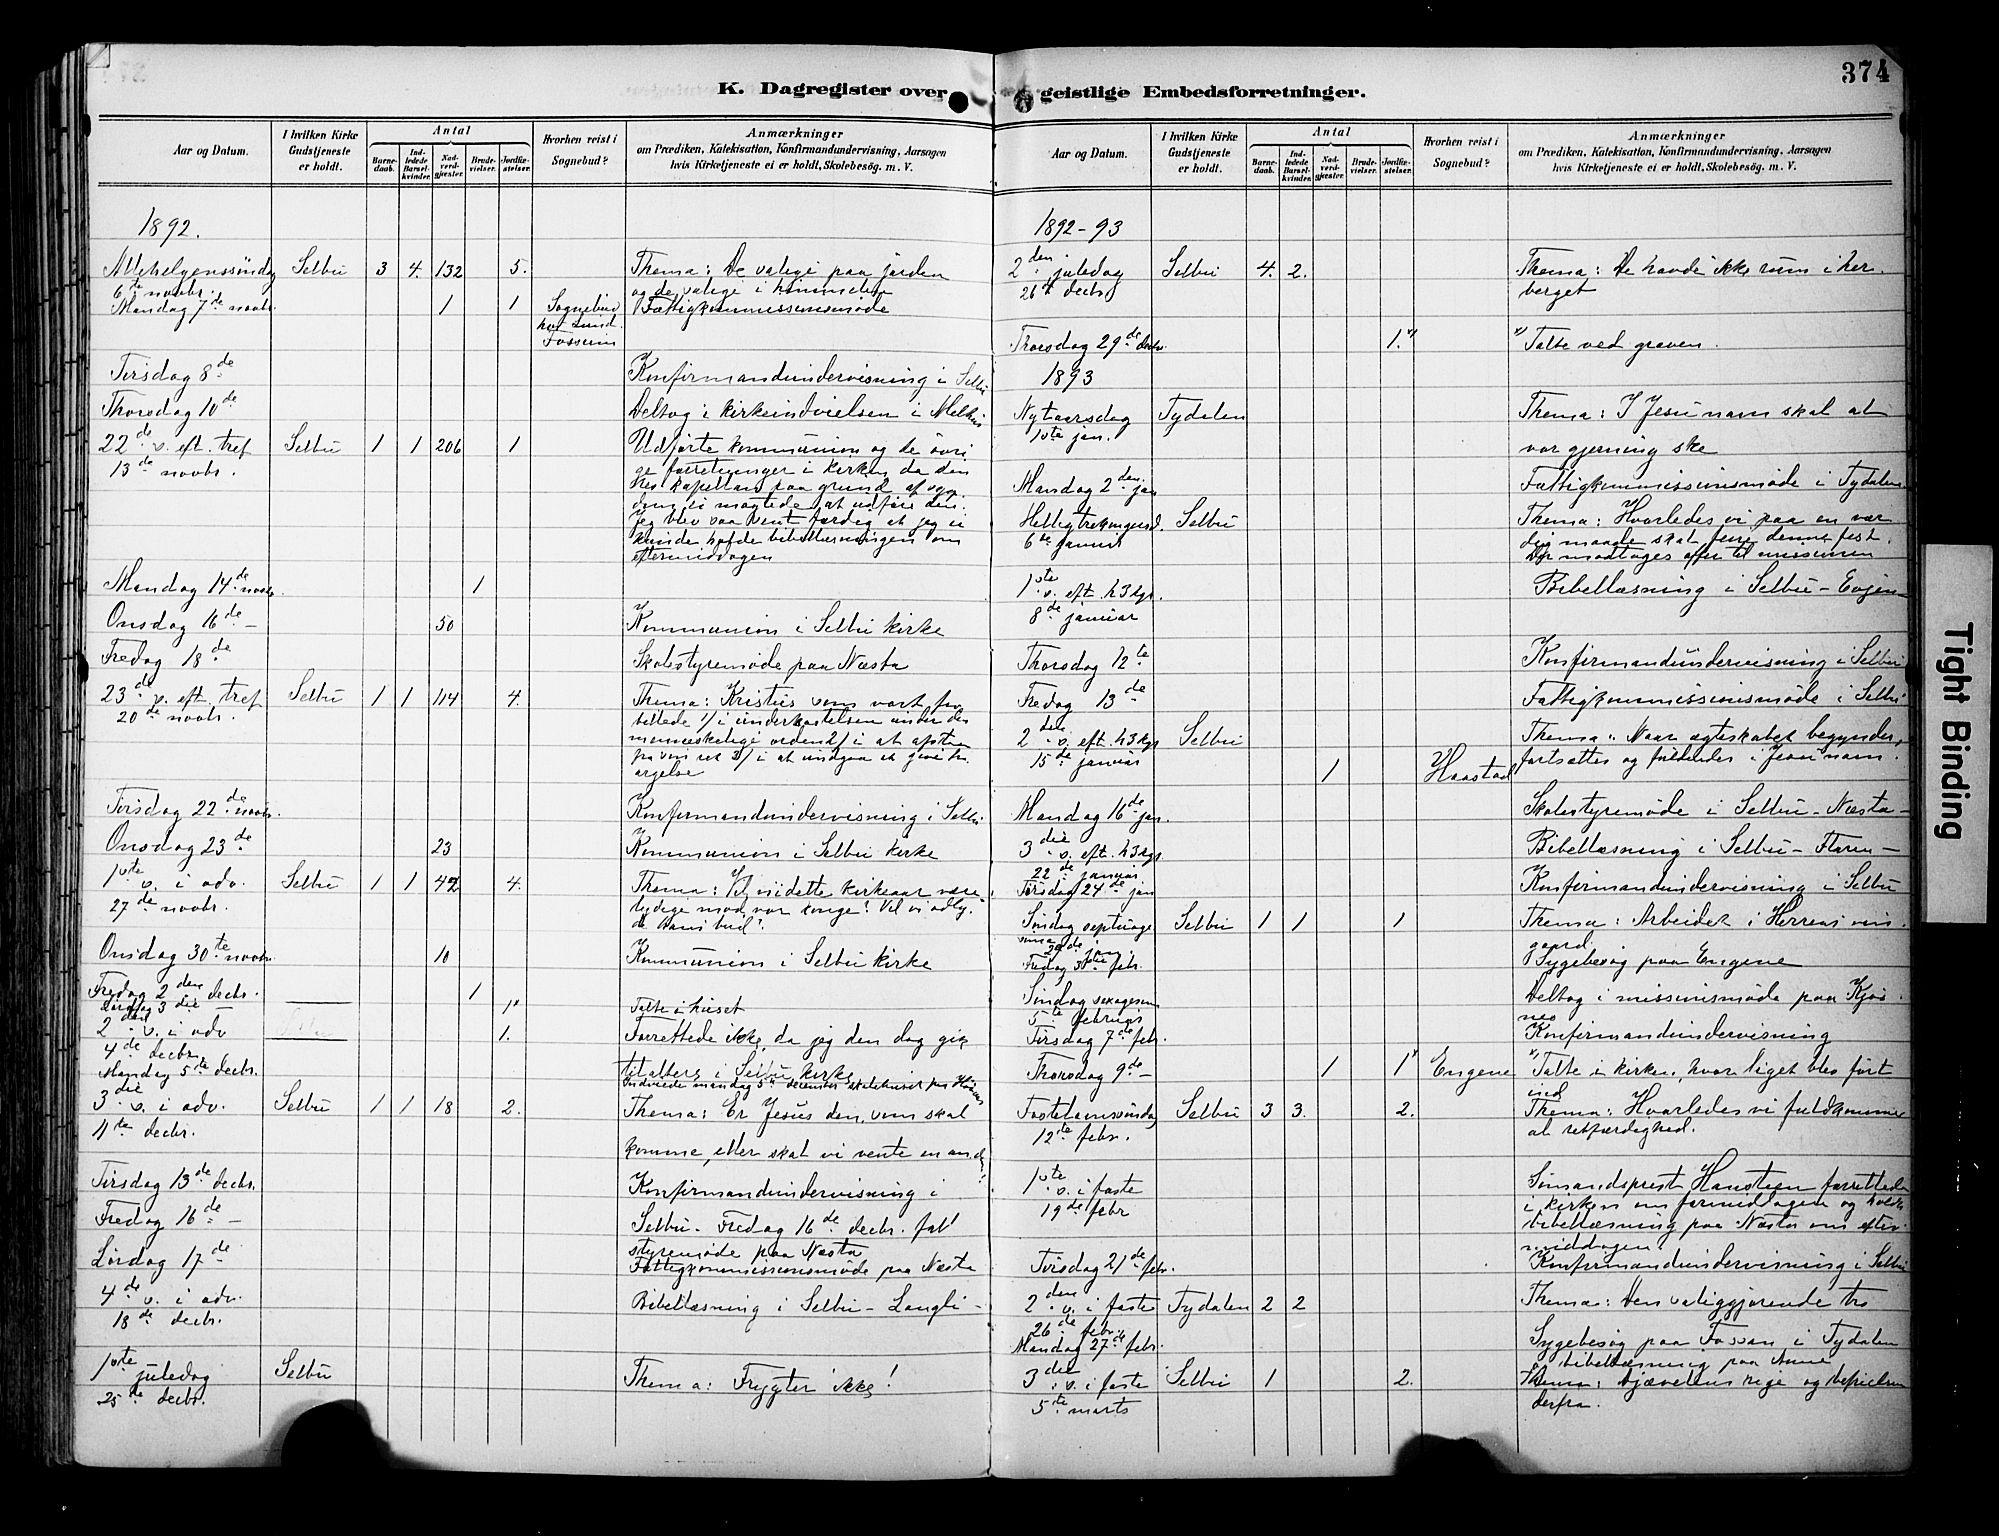 SAT, Ministerialprotokoller, klokkerbøker og fødselsregistre - Sør-Trøndelag, 695/L1149: Ministerialbok nr. 695A09, 1891-1902, s. 374